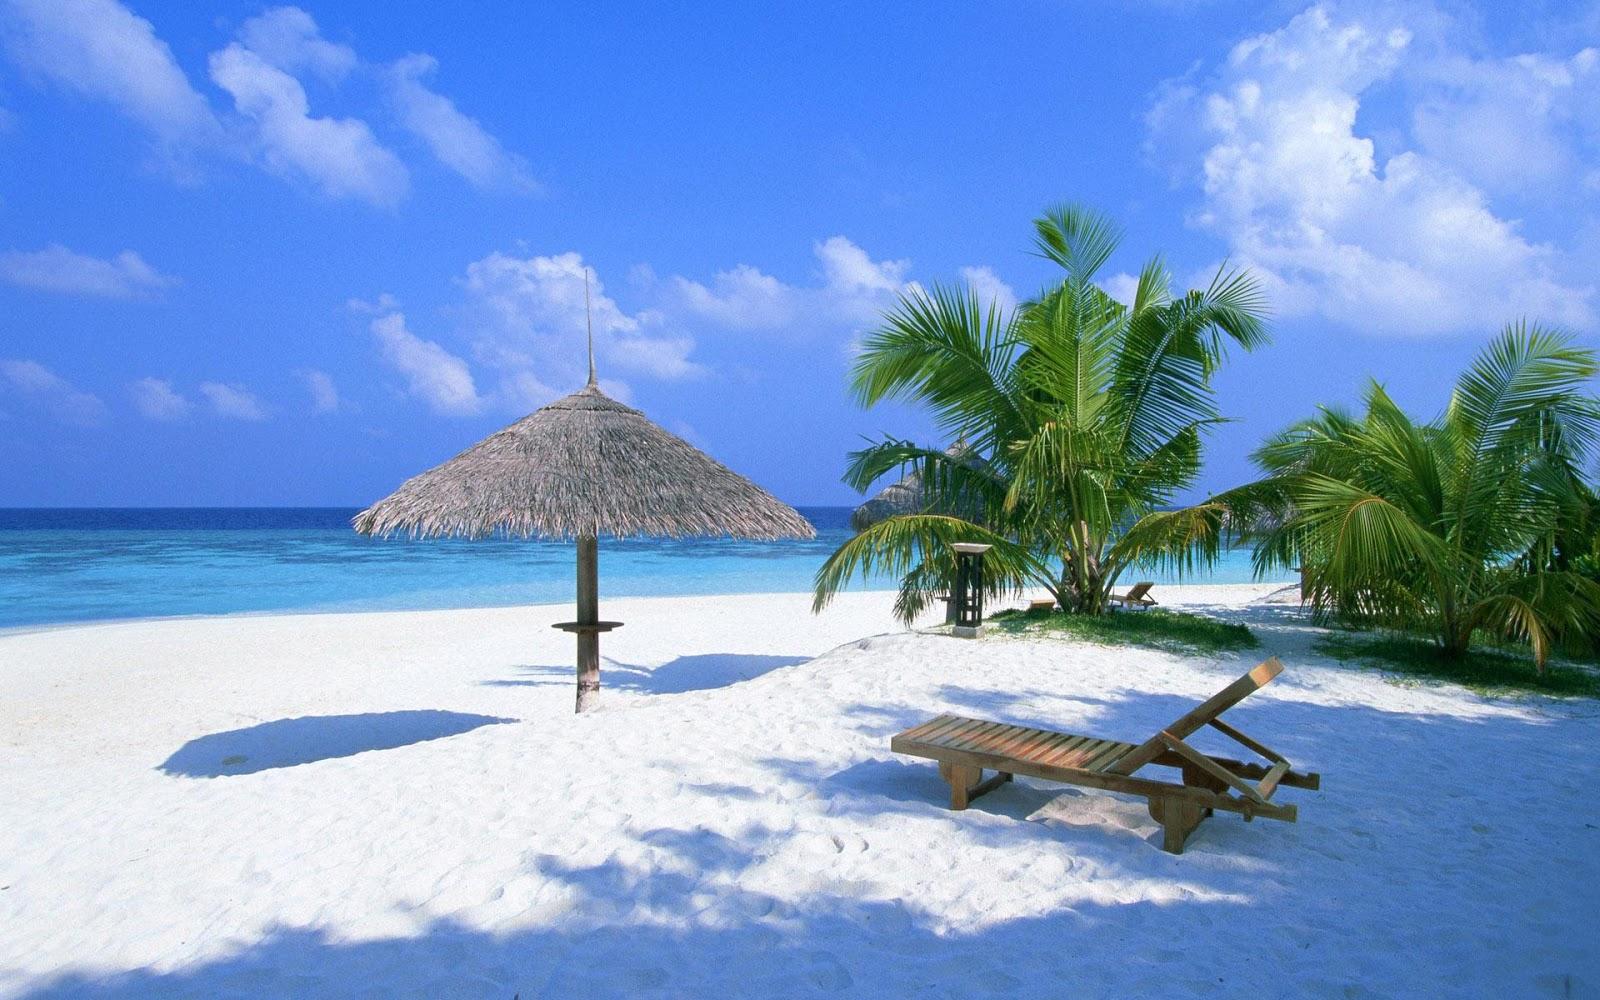 http://4.bp.blogspot.com/-MWVk9OWwuyg/ULUV3xoW3JI/AAAAAAAAFPk/b-4DnrmfmVY/s1600/Fotografia+de+un+bello+paraiso+tropical+de+arenas+blancas.jpeg